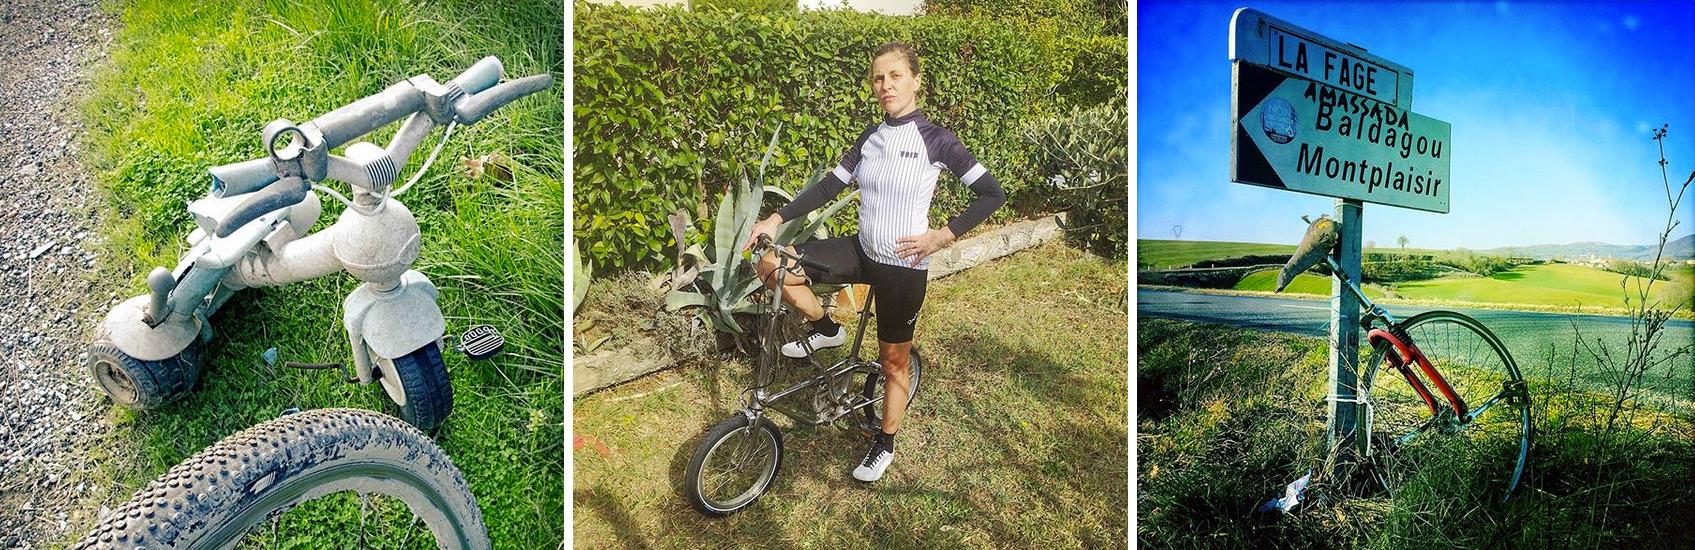 Le vélo permet une grande diversité de pratiques; profitons-en ! - photos Dan de Rosilles